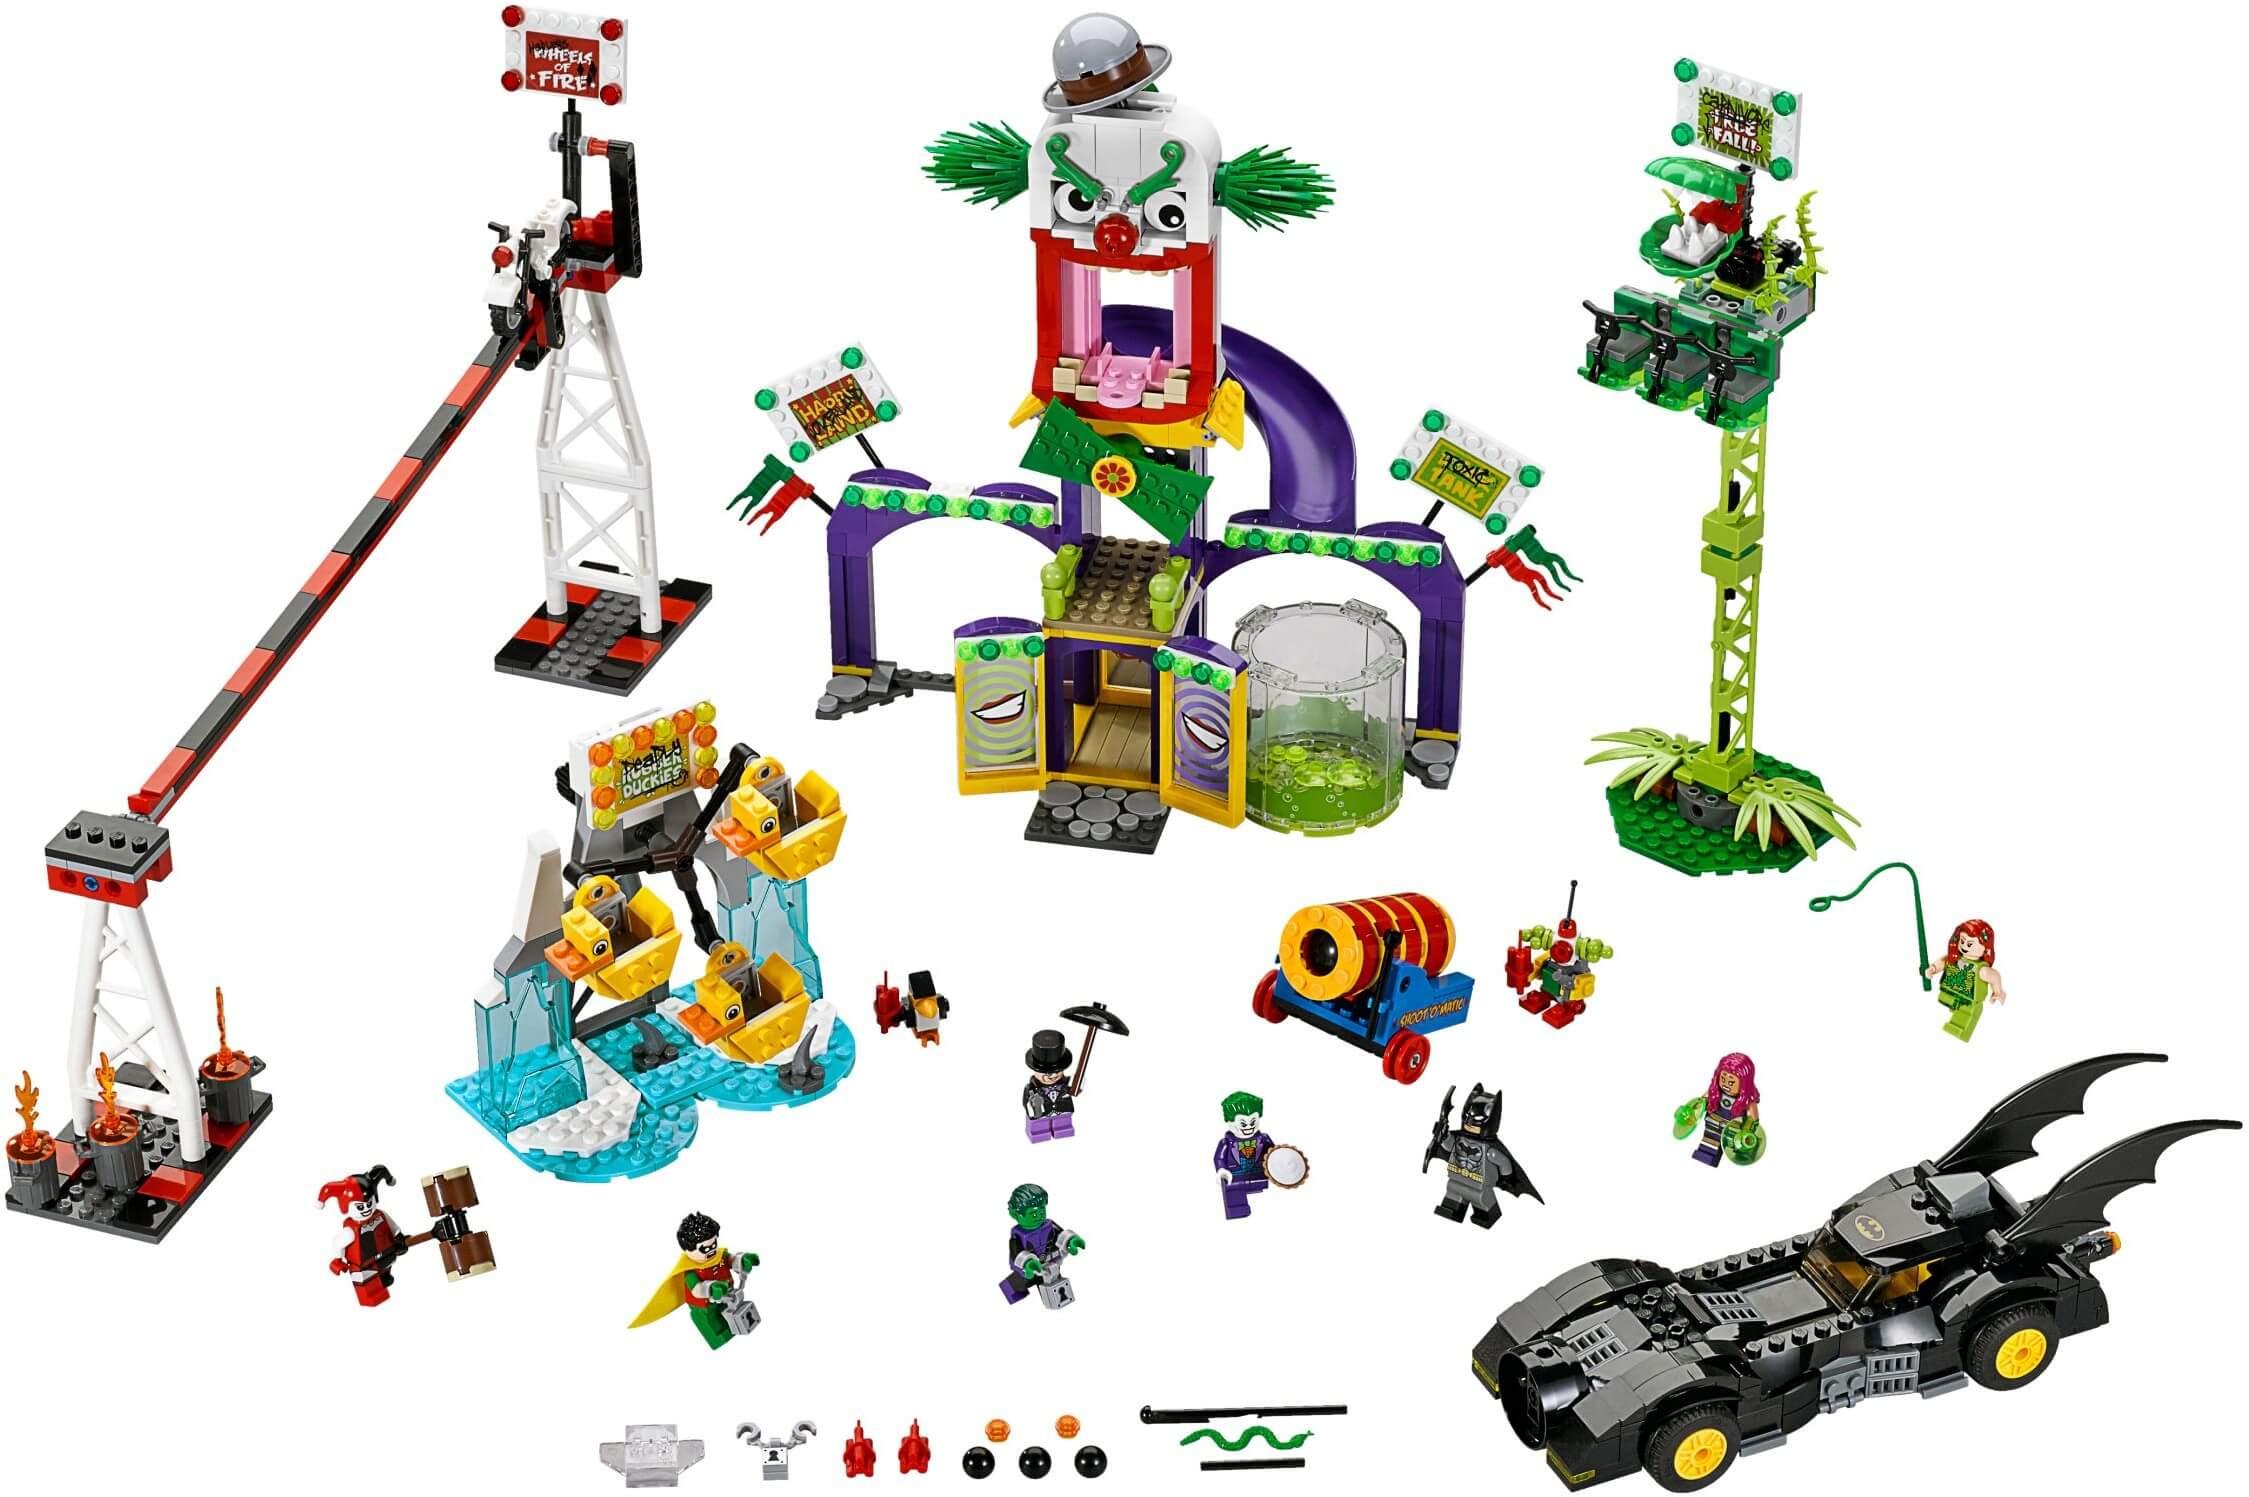 Mua đồ chơi LEGO 76035 - LEGO DC Comics Super Heroes 76035 - Khu trò chơi kì quái Jokerland (LEGO DC Comics Super Heroes Jokerland 76035)